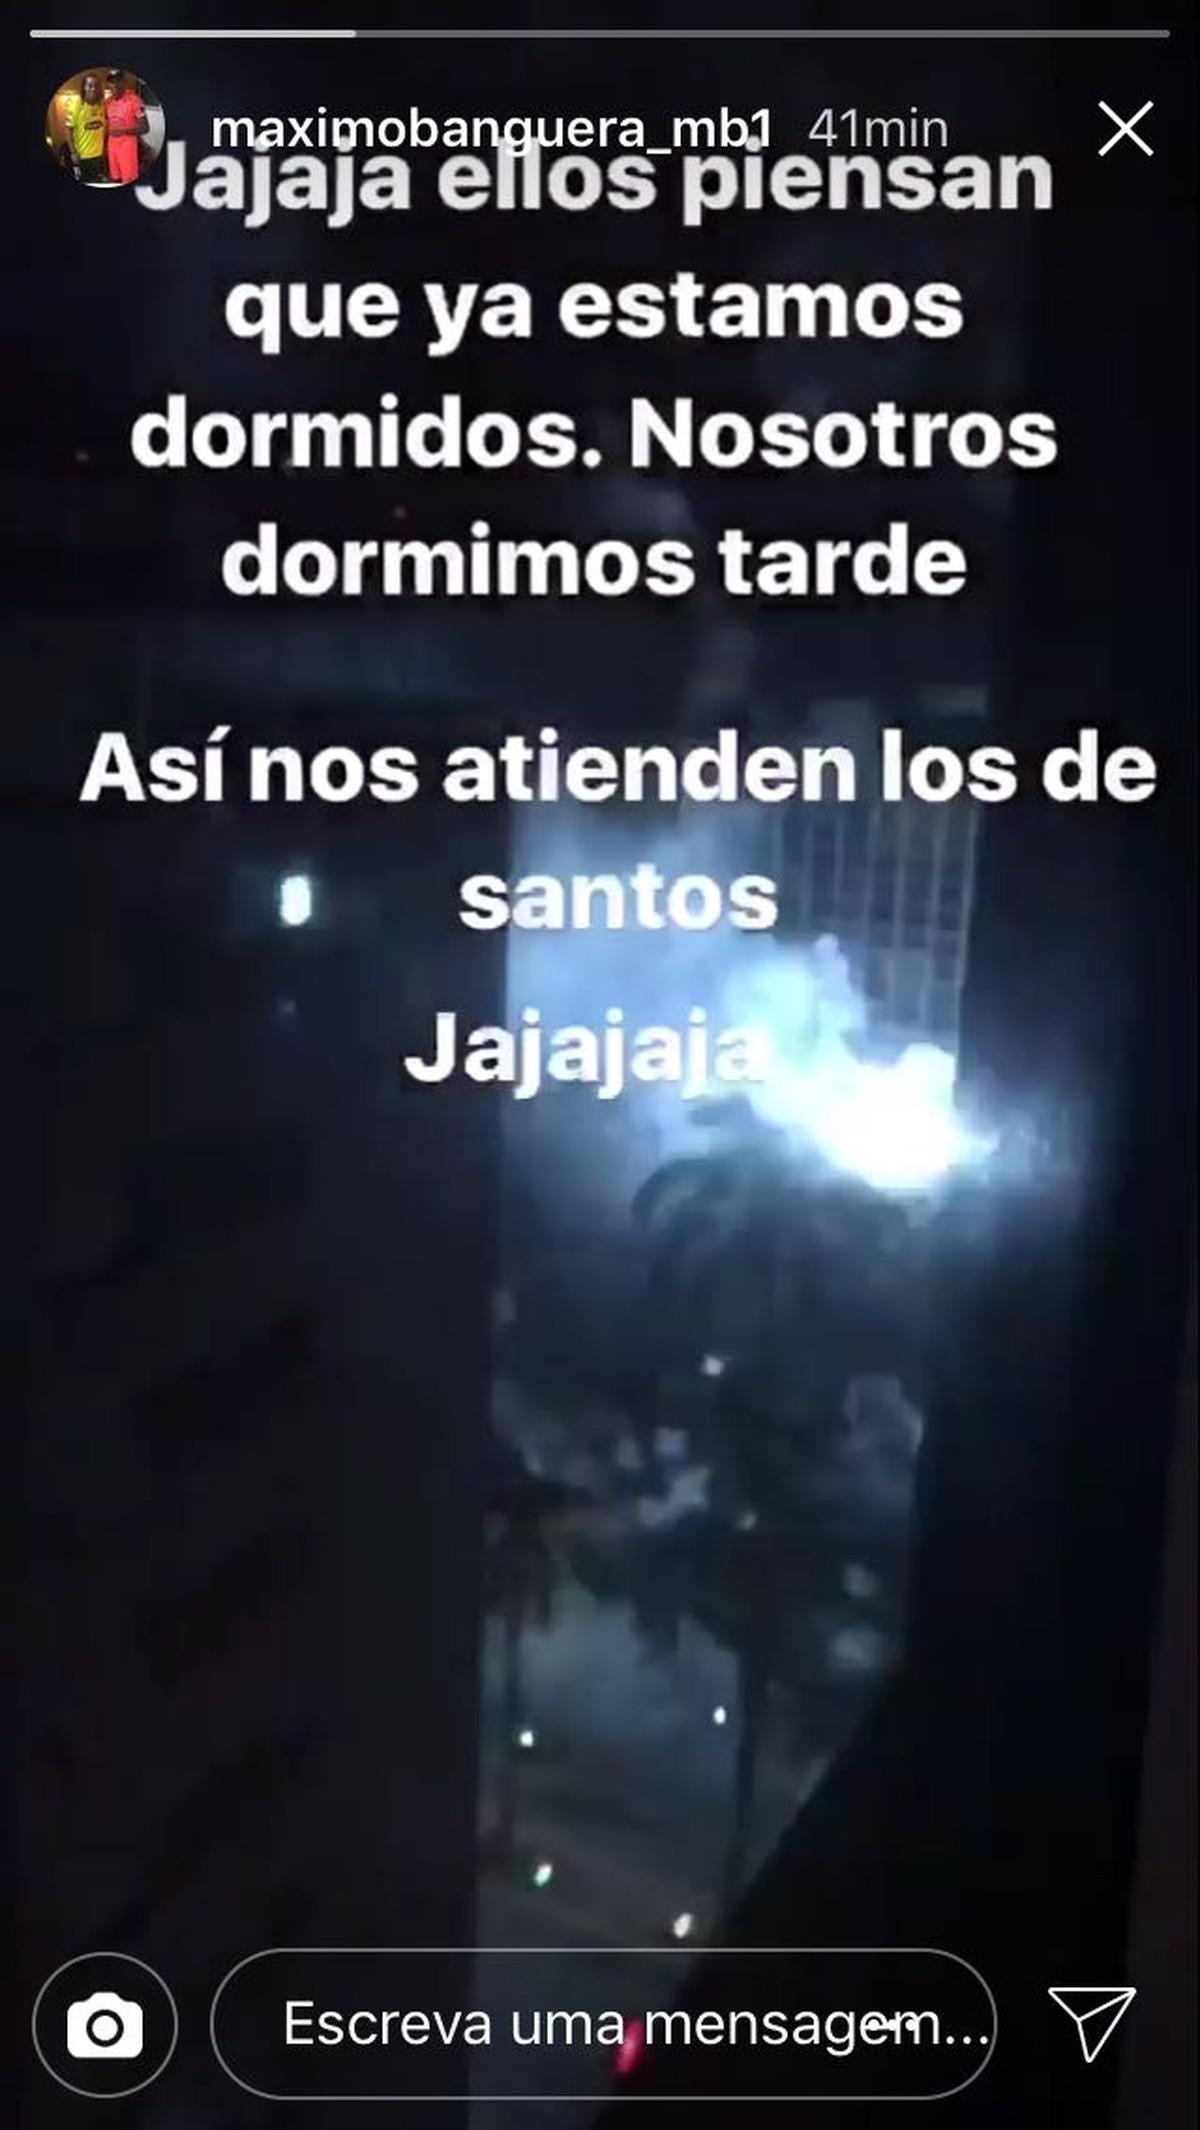 Goleiro do Barcelona de Guayaquil posta vídeo de foguetório em hotel de Santos